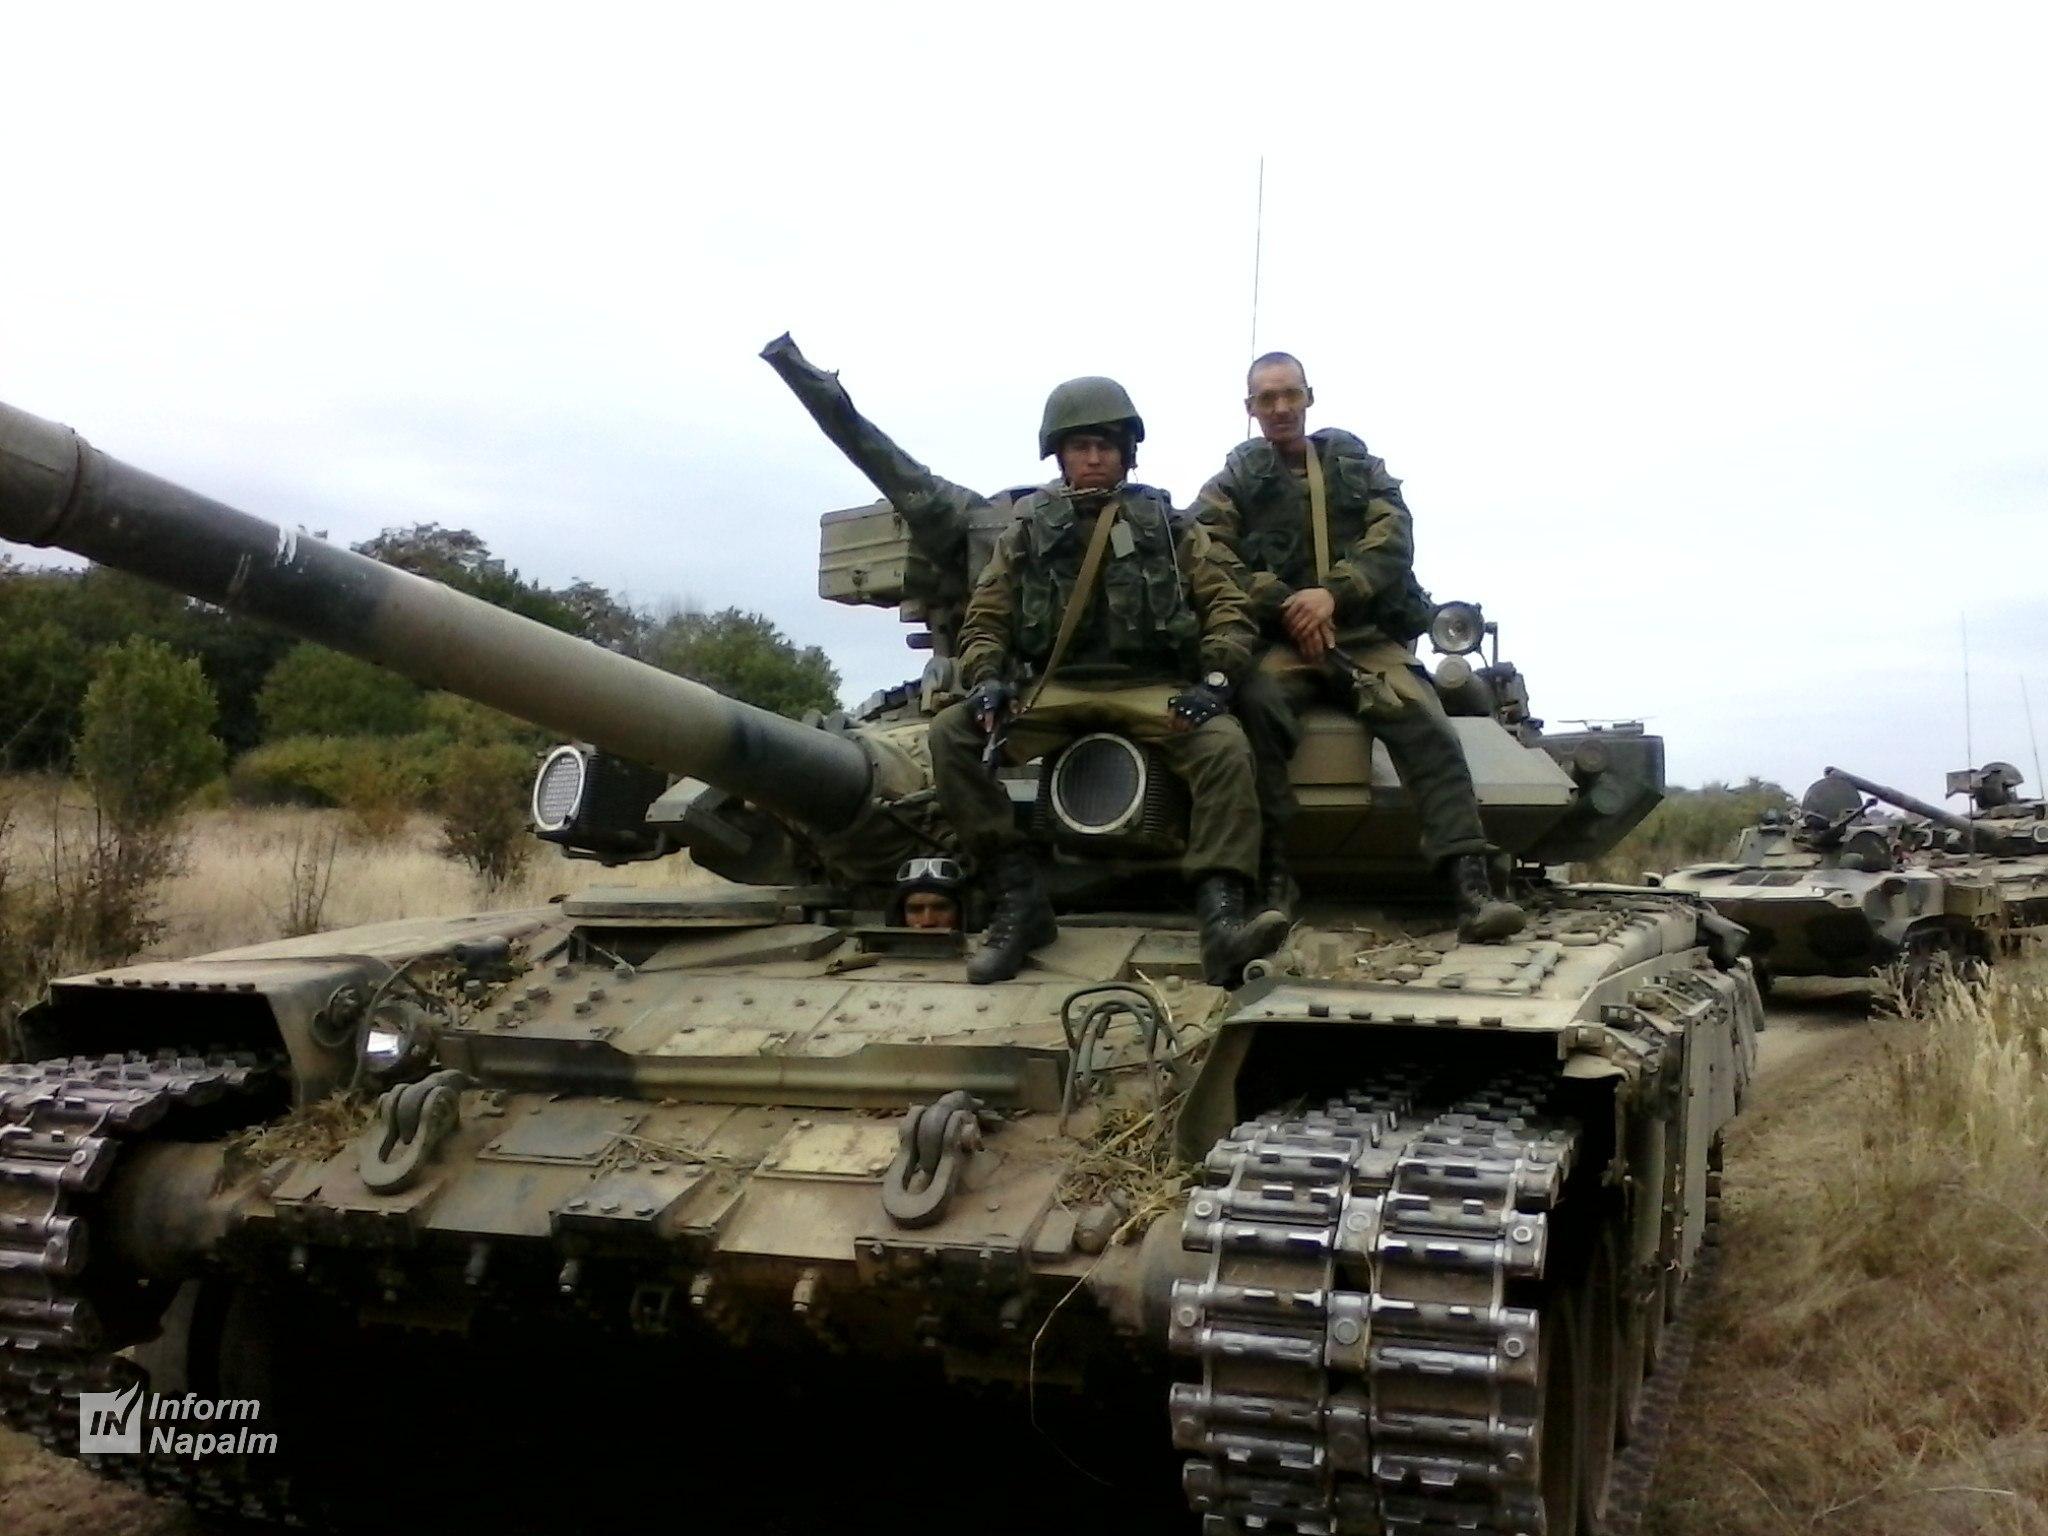 En bataljon-taktisk grupp